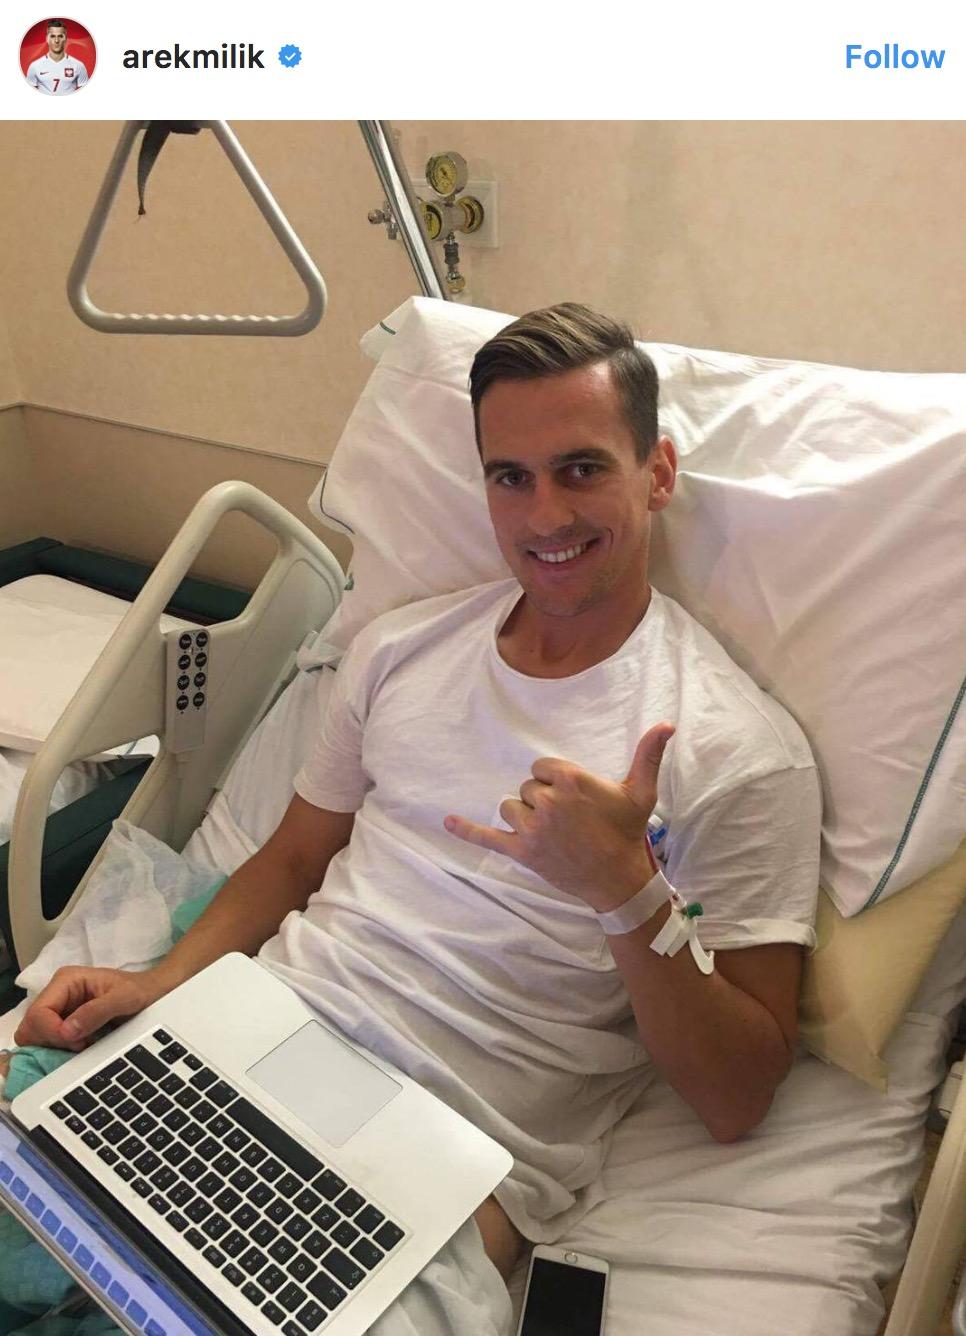 米利克手术后感谢球迷:继续为我祈祷吧